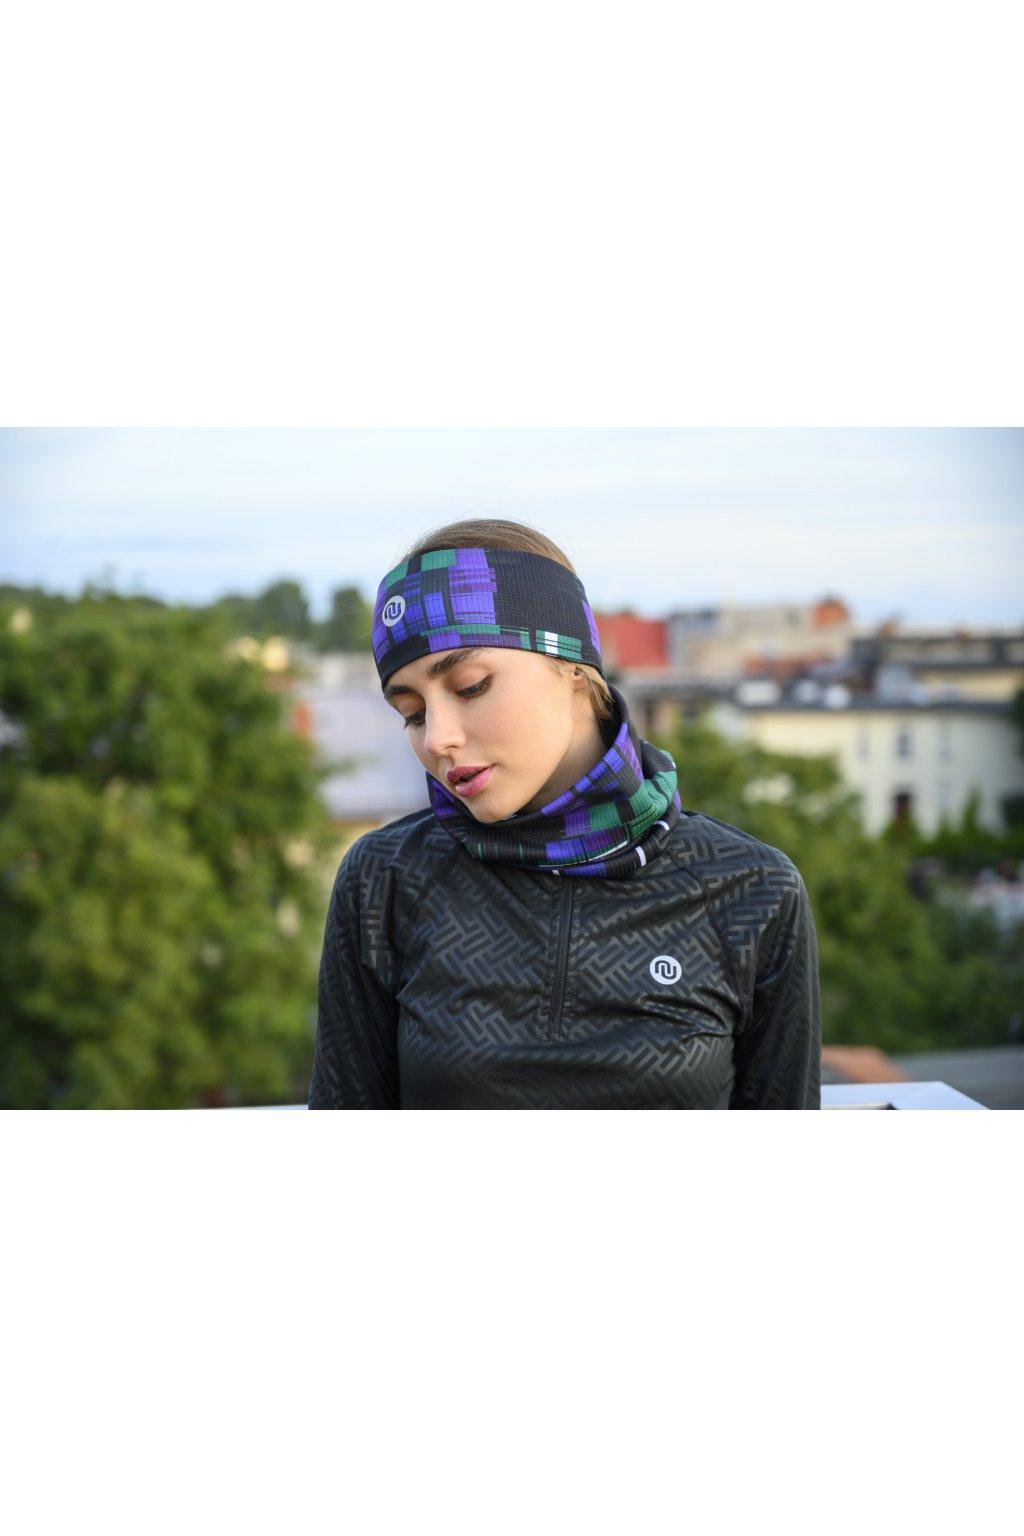 Sportovní Termoaktivní nákrčnik AB2-12S6 - Krado Purple